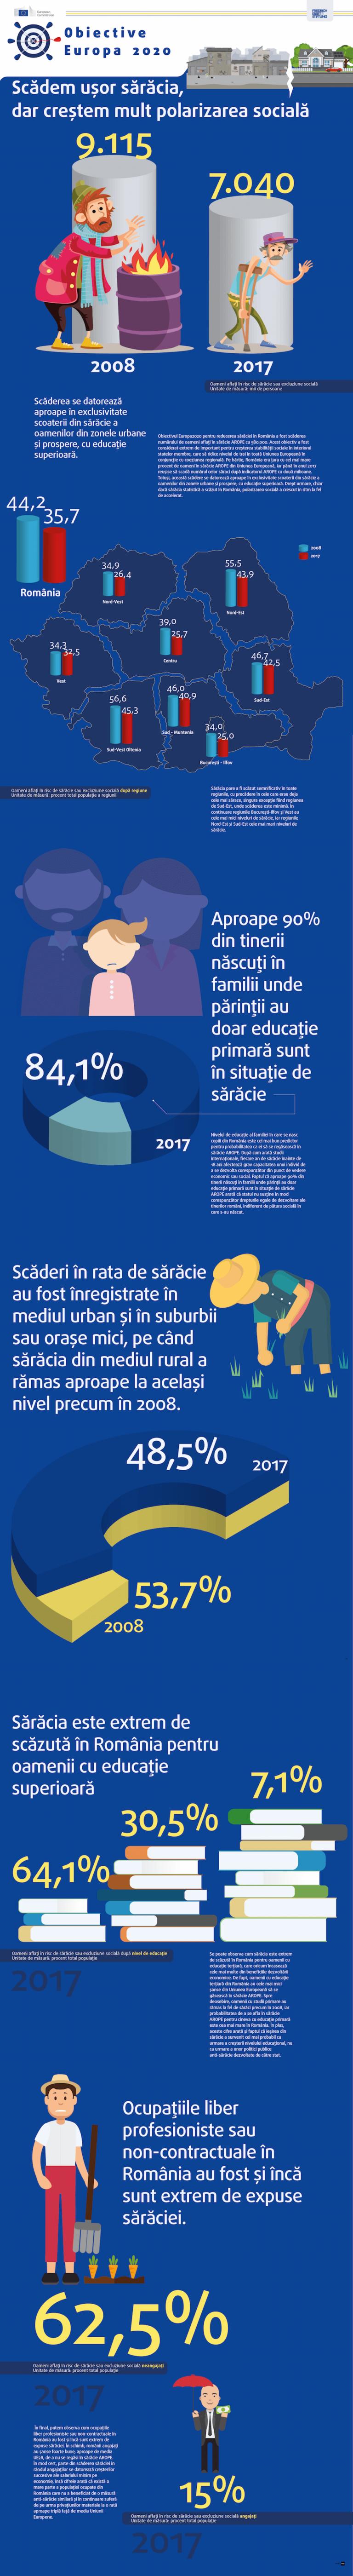 România și obiectivele Europa 2020: Obiective de coeziune care cresc inegalitatea. Sărăcia scade, inegalitatea crește